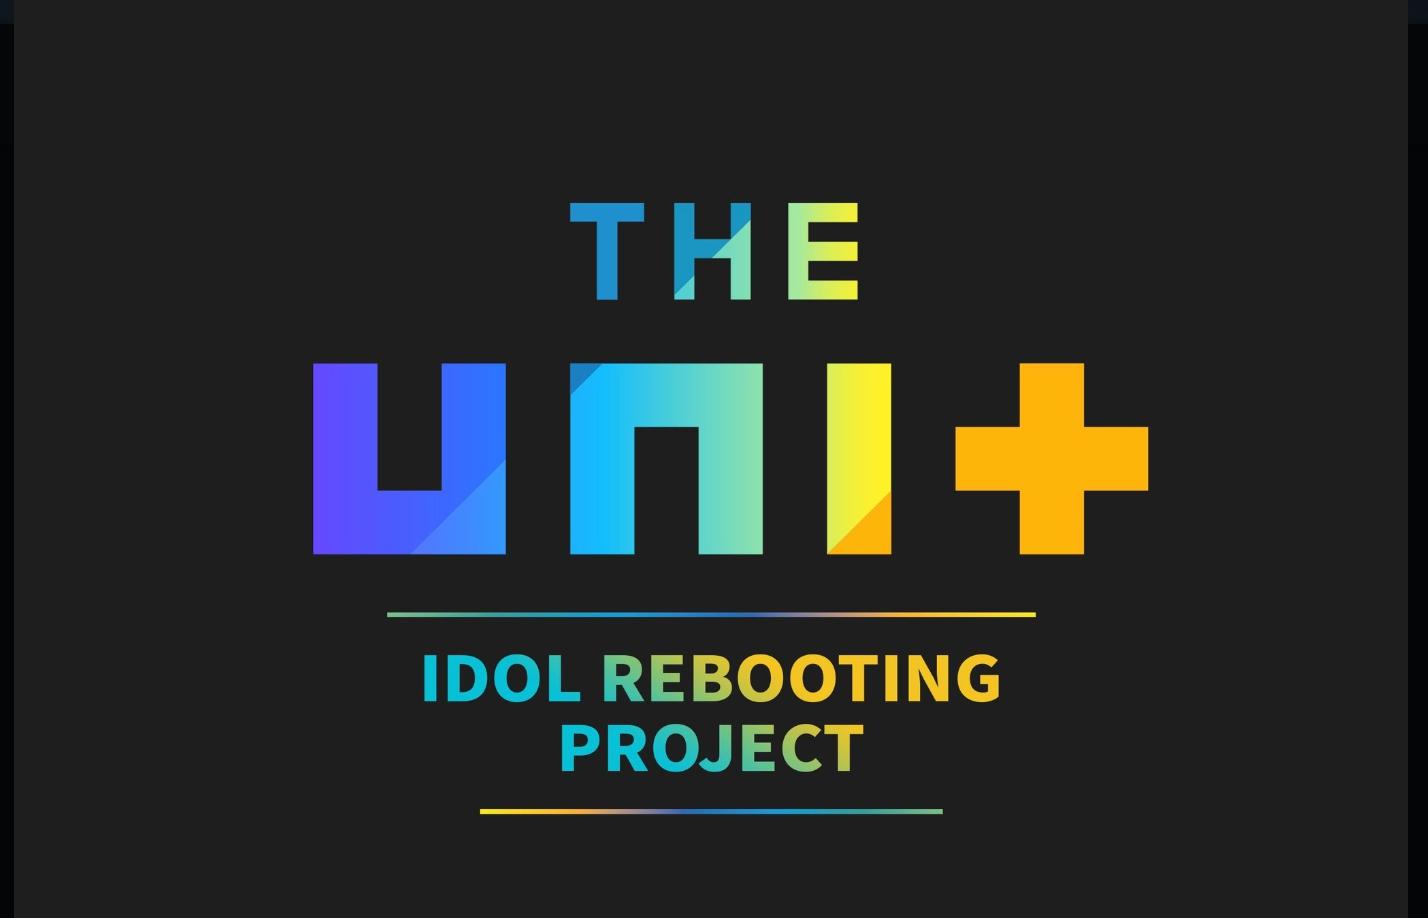 兩團皆有成員參加2017年KBS偶像再造選秀節目《THE UNIT》。 雖然都沒有晉級成為最後的出道組,但也因為參加《THE UNIT》 而被更多人看到他們的才華 !!在今年他們都個別回歸了兩次呢~